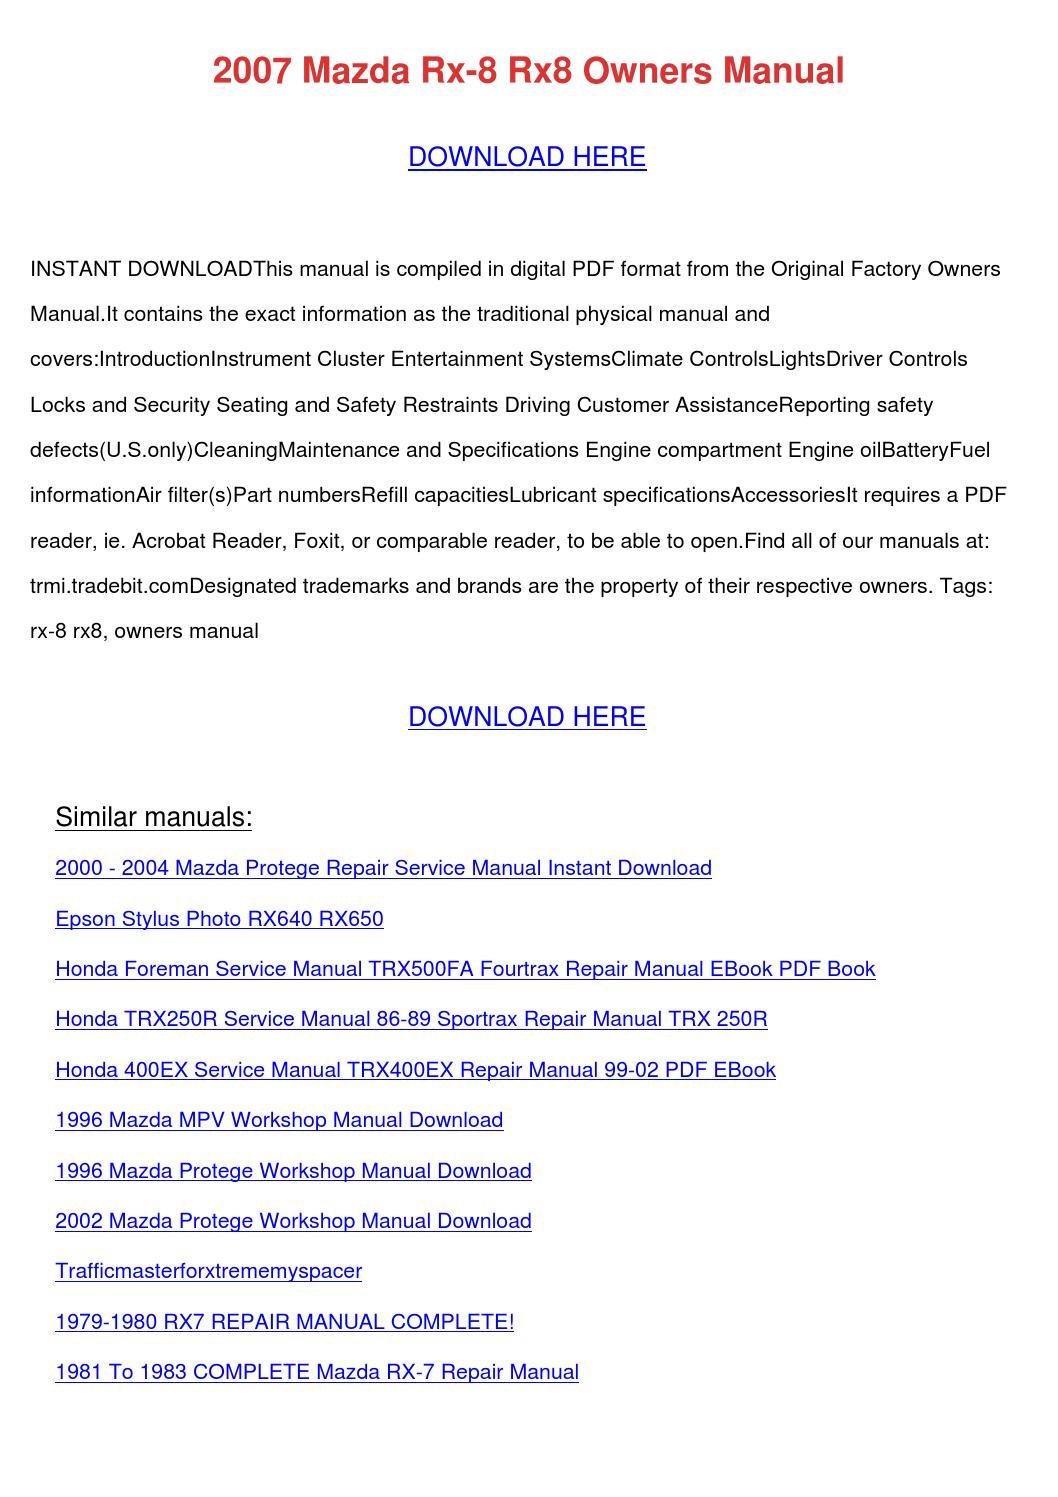 2007 Mazda Rx 8 Rx8 Owners Manual by NikoleNunley - issuu